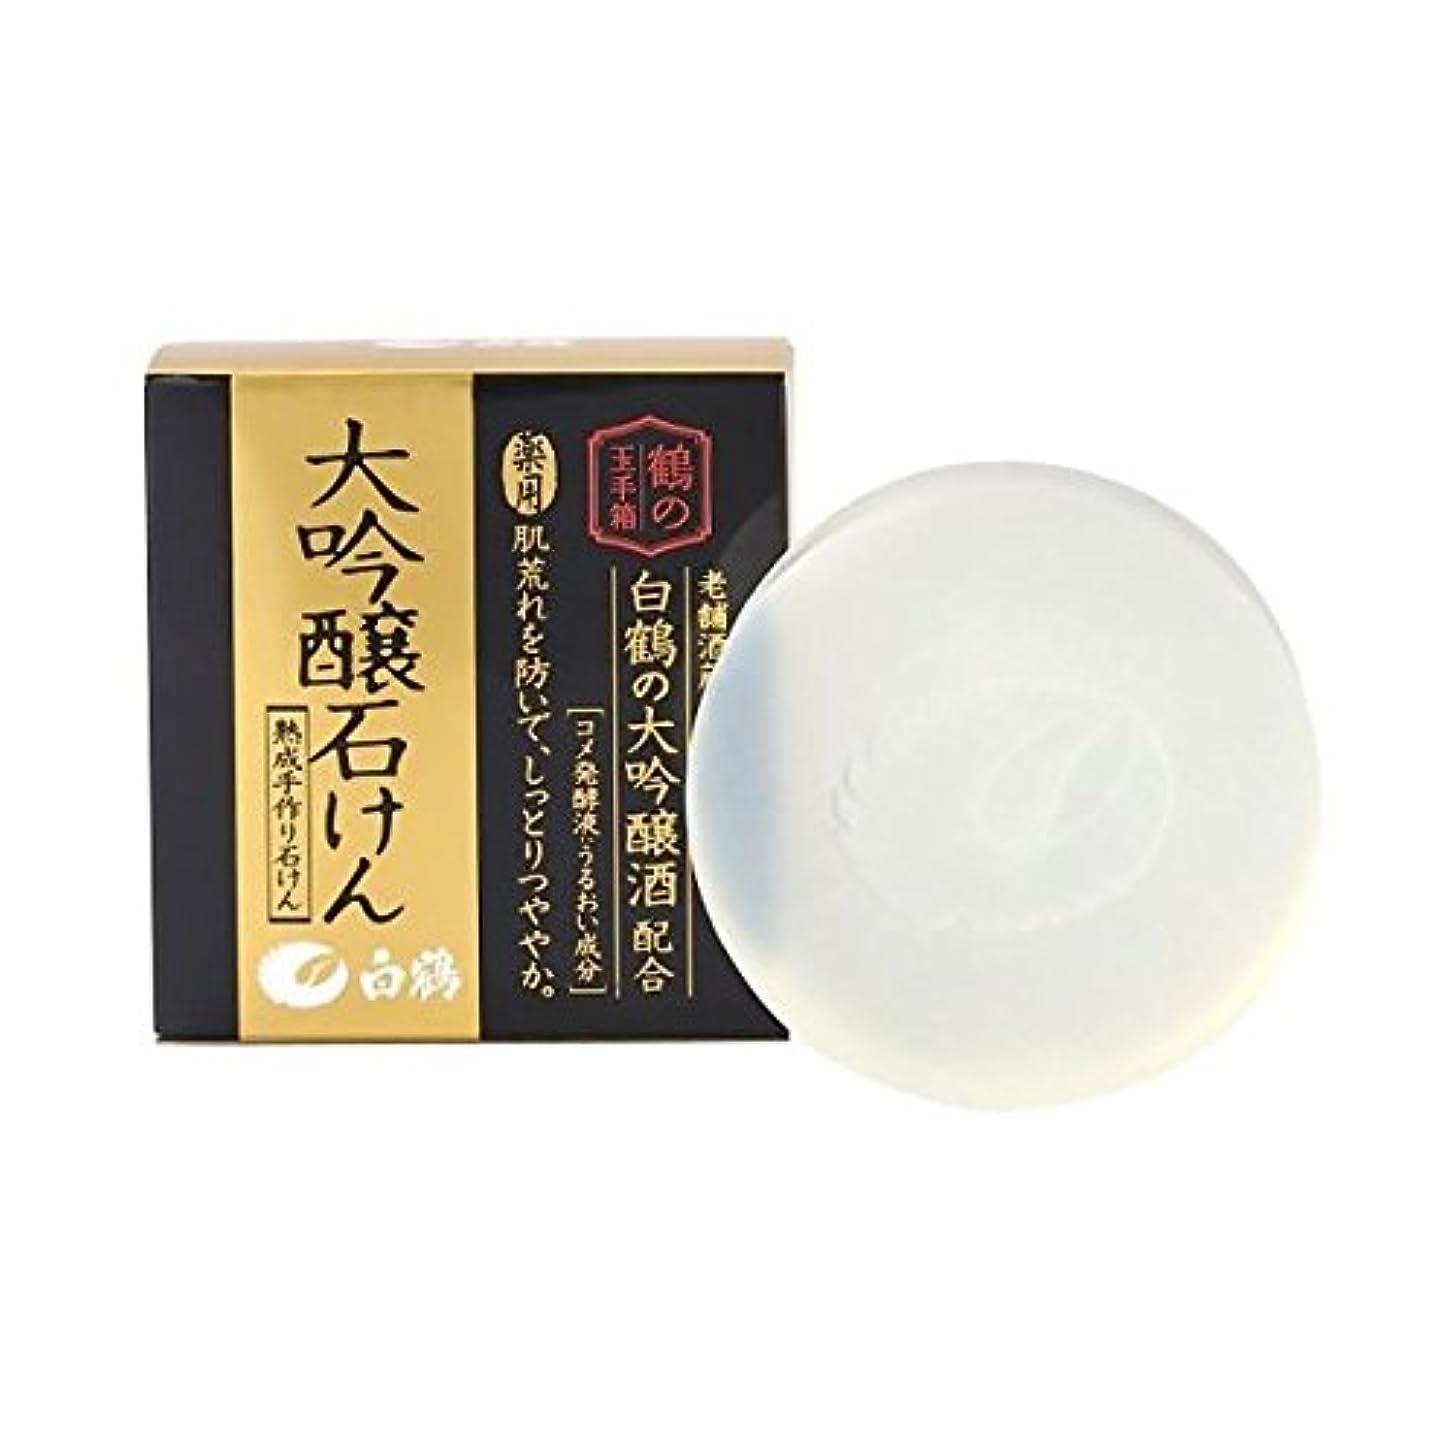 白鶴 鶴の玉手箱 大吟醸石けん 100g × 3個 (薬用)(医薬部外品)